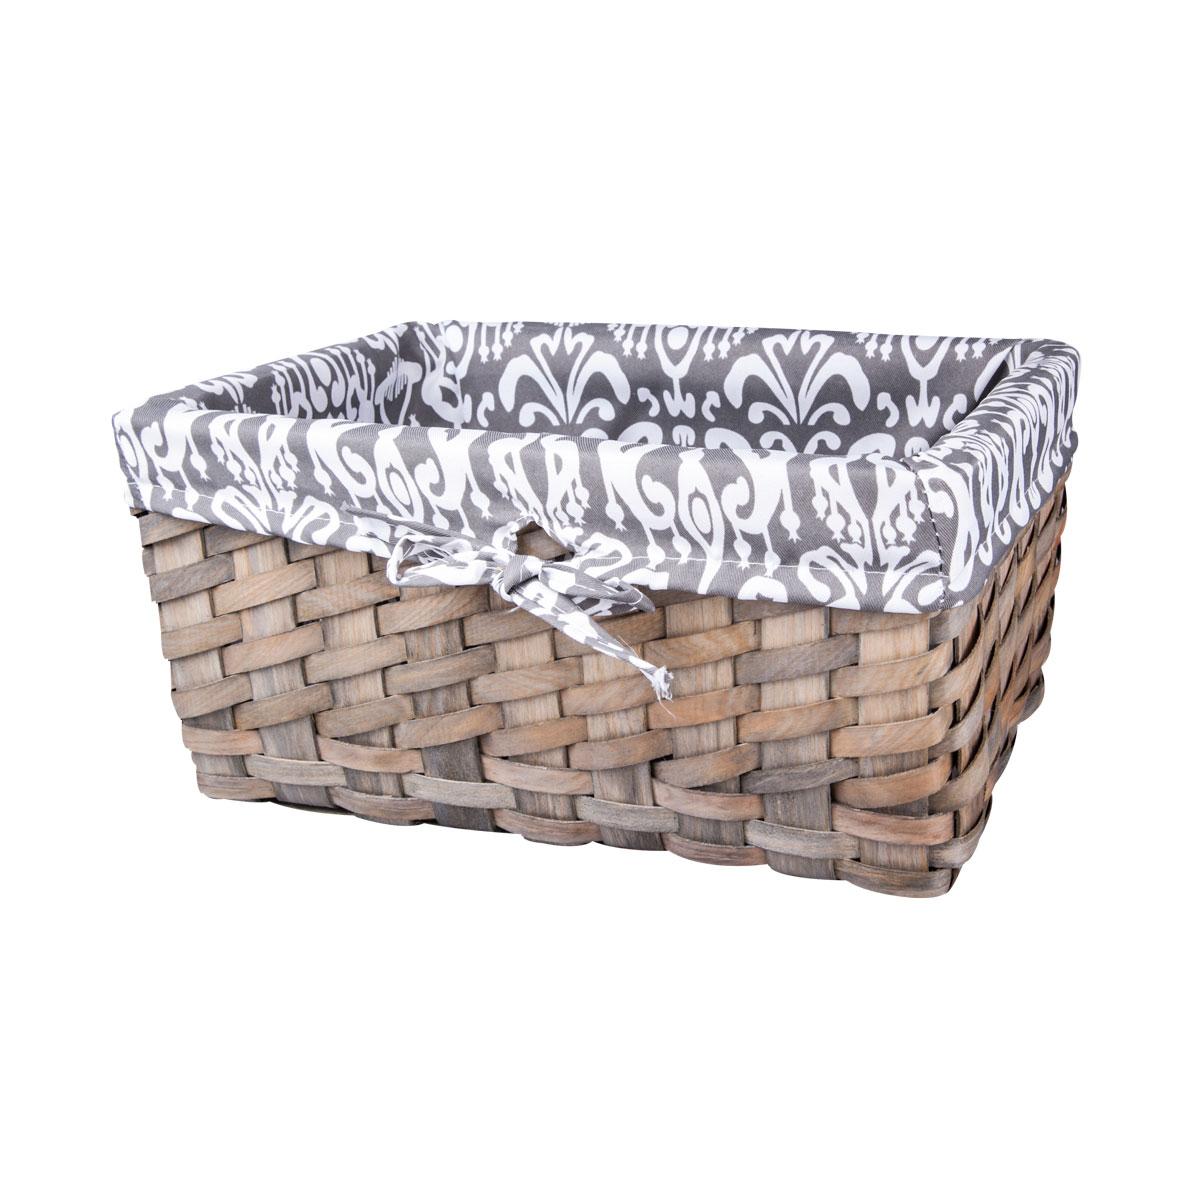 Корзина плетеная Miolla, 32 х 21 х 15 смQL400435-MЛучшее решение для хранения вещей - корзина для хранения Miolla. Экономьте полезное пространство своего дома, уберите ненужные вещи в удобную корзину и используйте ее для хранения дорогих сердцу вещей, которые нужно сберечь в целости и сохранности.Корзина изготовлена из дерева. Специальные отверстия на стенках создают идеальные условия для проветривания. Размер корзины: 32 х 21 х 15 см.